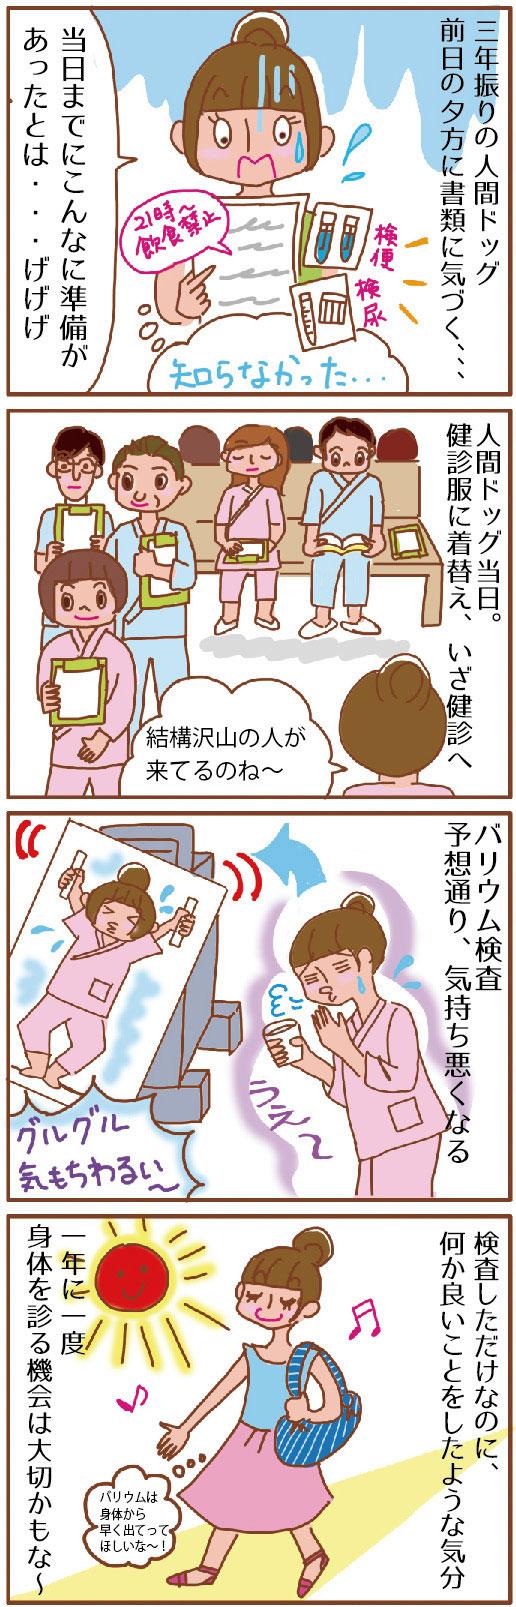 WEB @cosume BeautySpecialist「10人間ドッグに行ってきました♪」コラムマンガ,イラストルポ,ルポマンガ,体験漫画